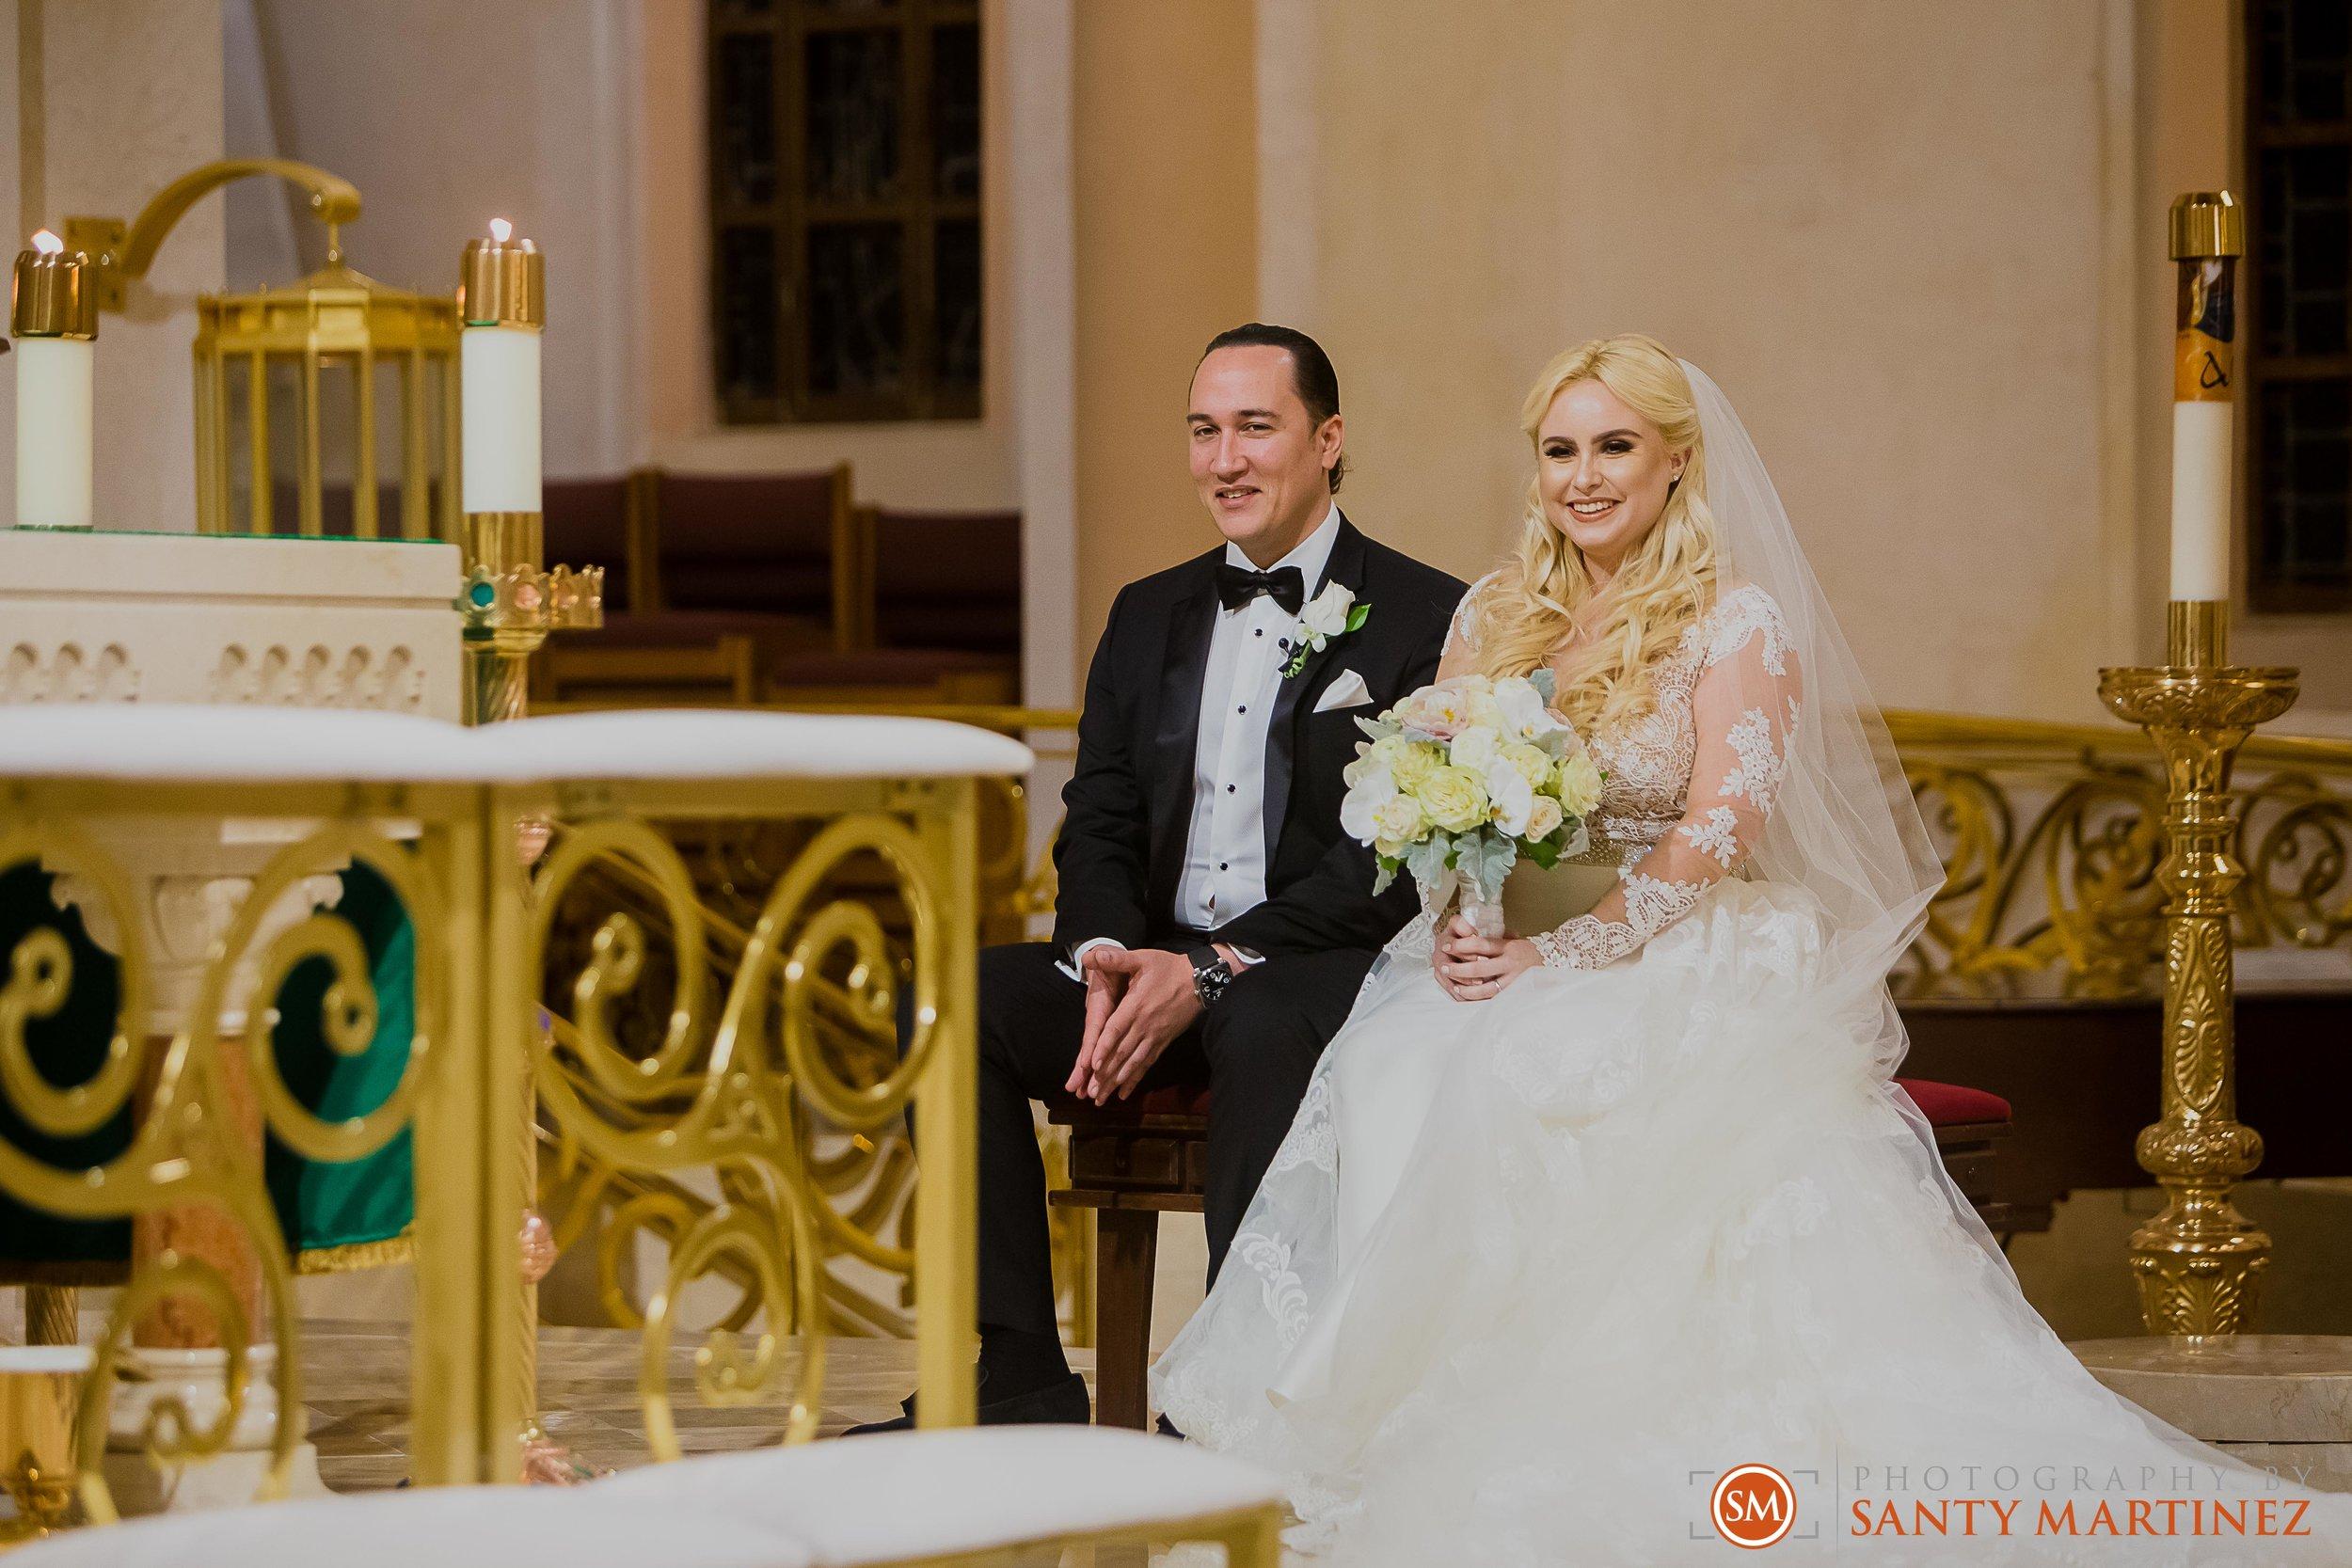 Wedding - W Hotel - St Patrick Miami Beach - Santy Martinez Photography-20.jpg